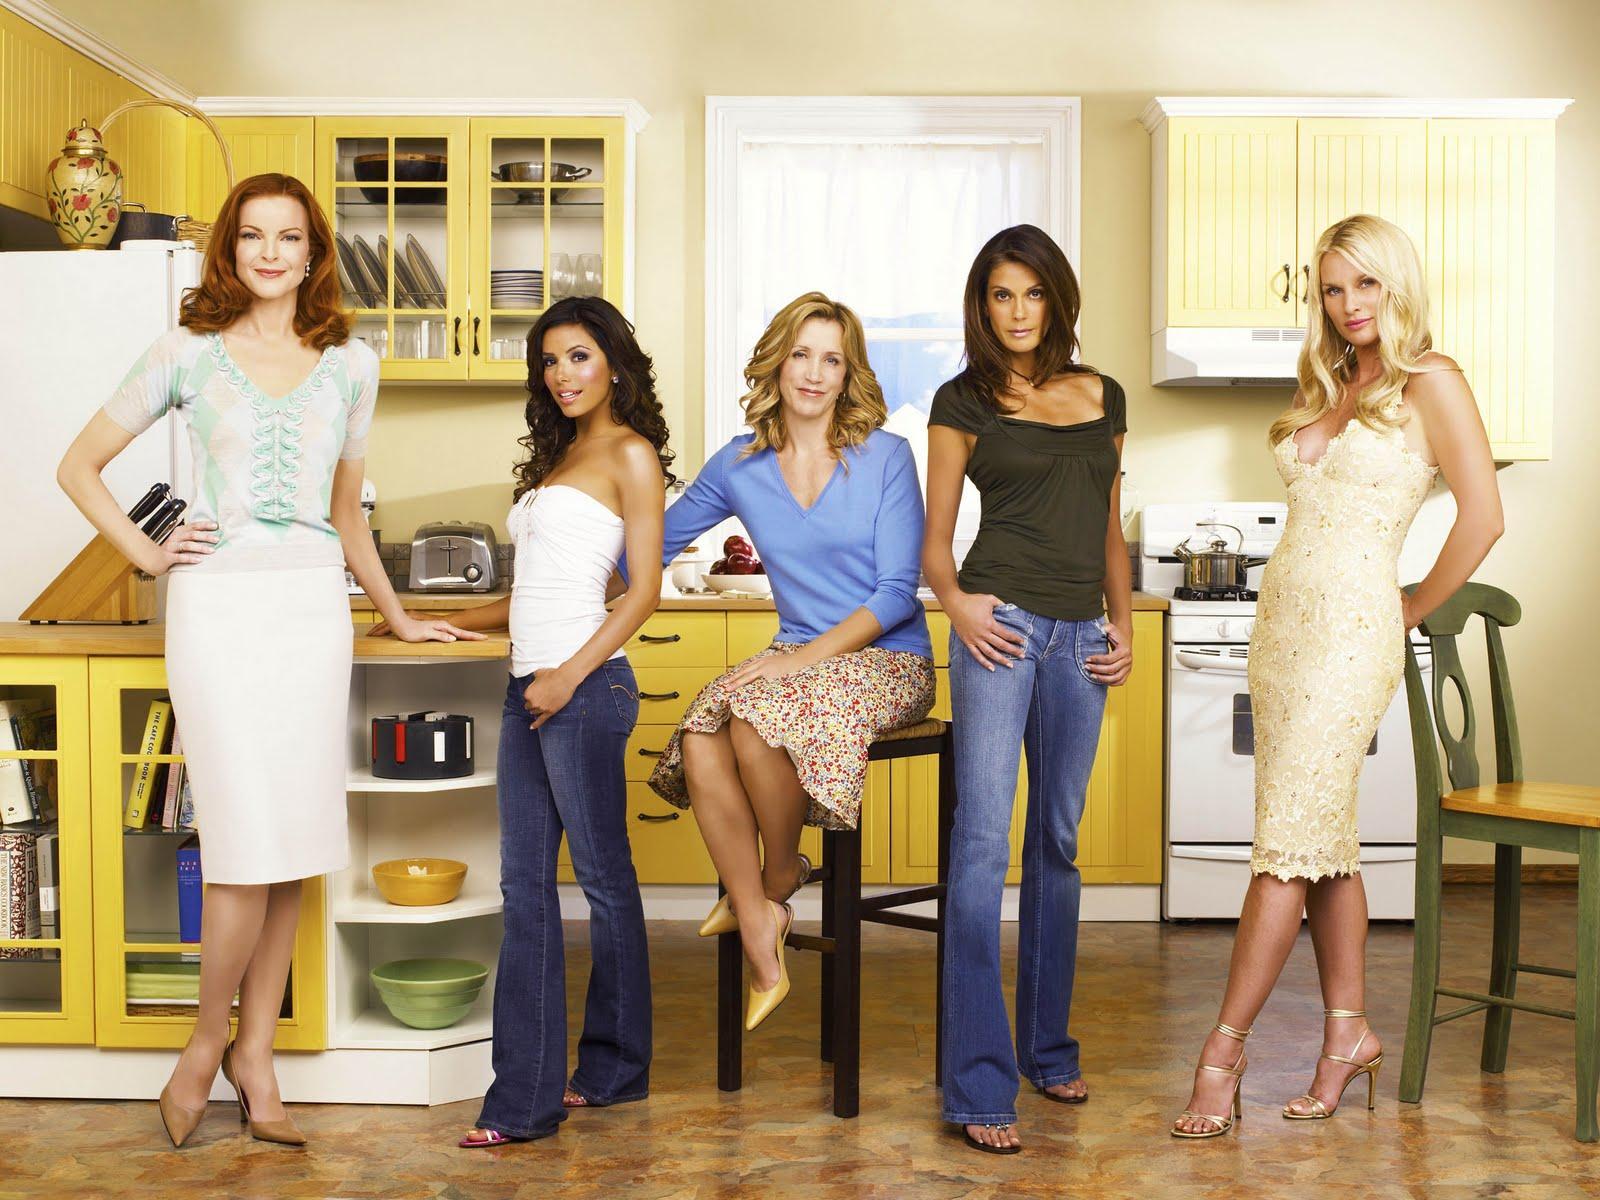 http://1.bp.blogspot.com/-lM6EXXQQwgc/TkADMmUDfFI/AAAAAAAAAl8/iFvYG6Tf_1s/s1600/desperate-housewives-desperate-housewives-6026228-2560-1920.jpg